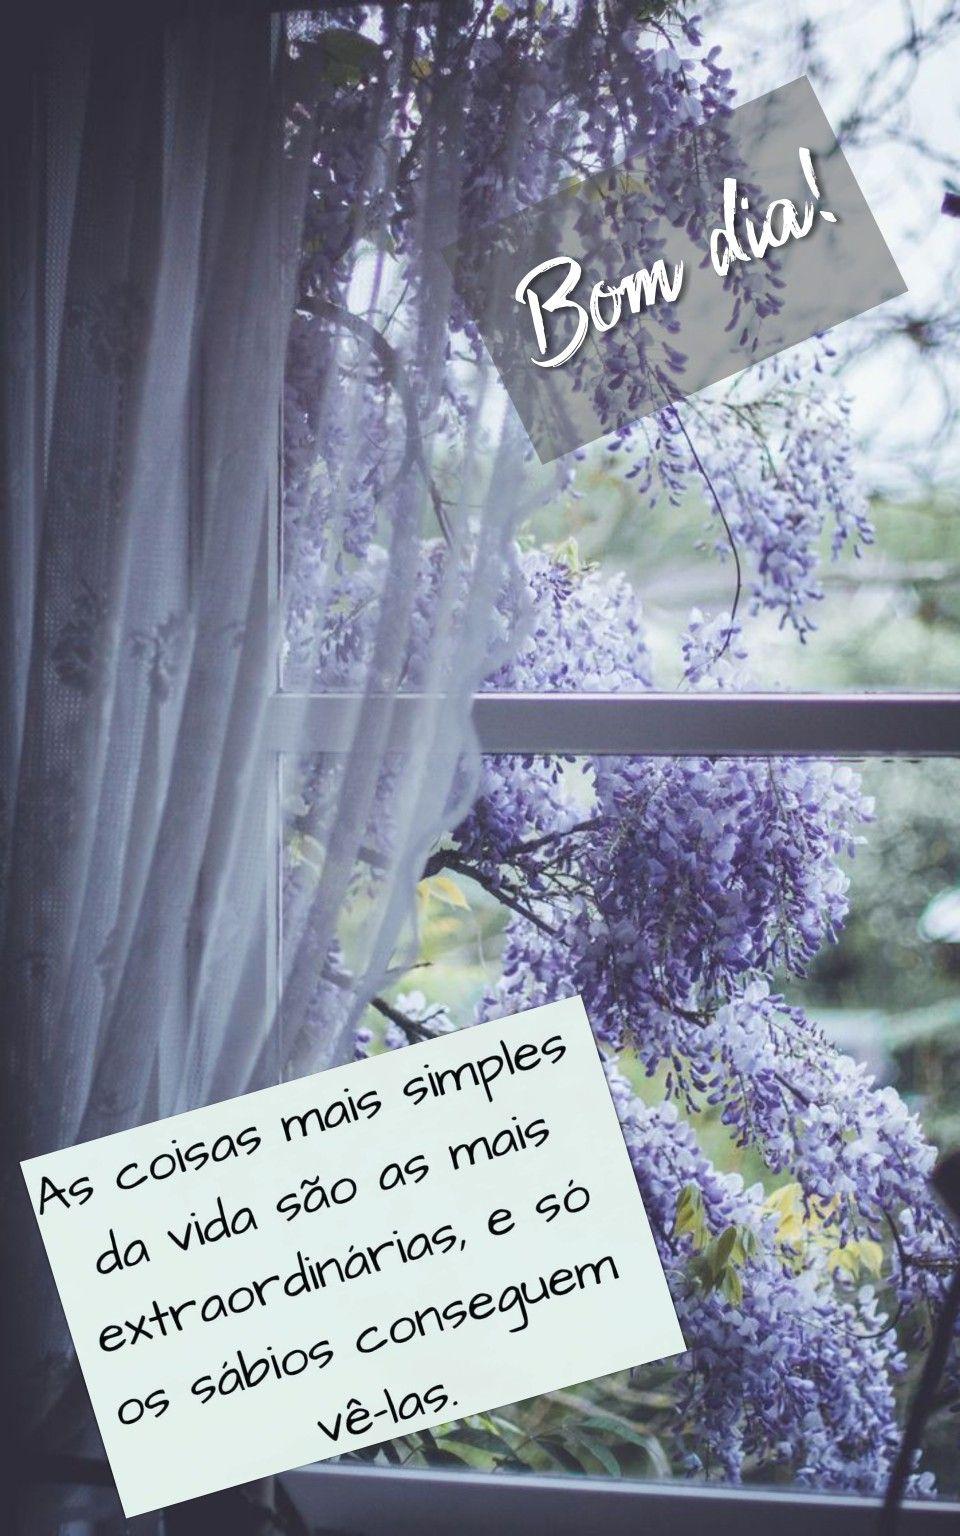 Bom Dia Com Flores De Rosa Alfredo Mechico Em B2 1 Astral Diario